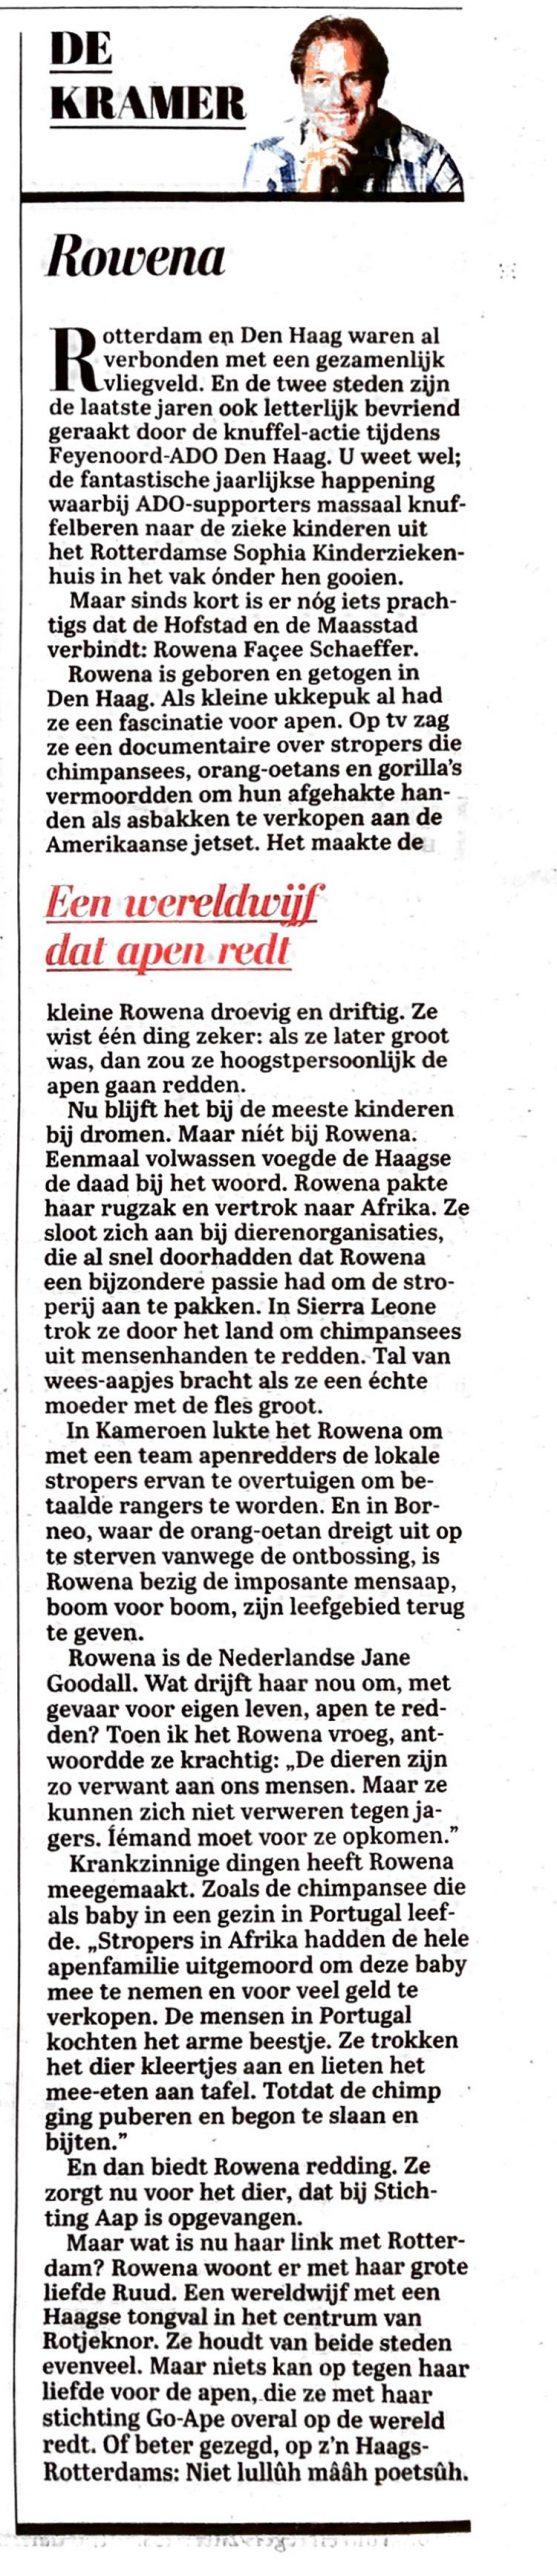 telegraaf, Sander de Kramer over Rowena Goes Ape